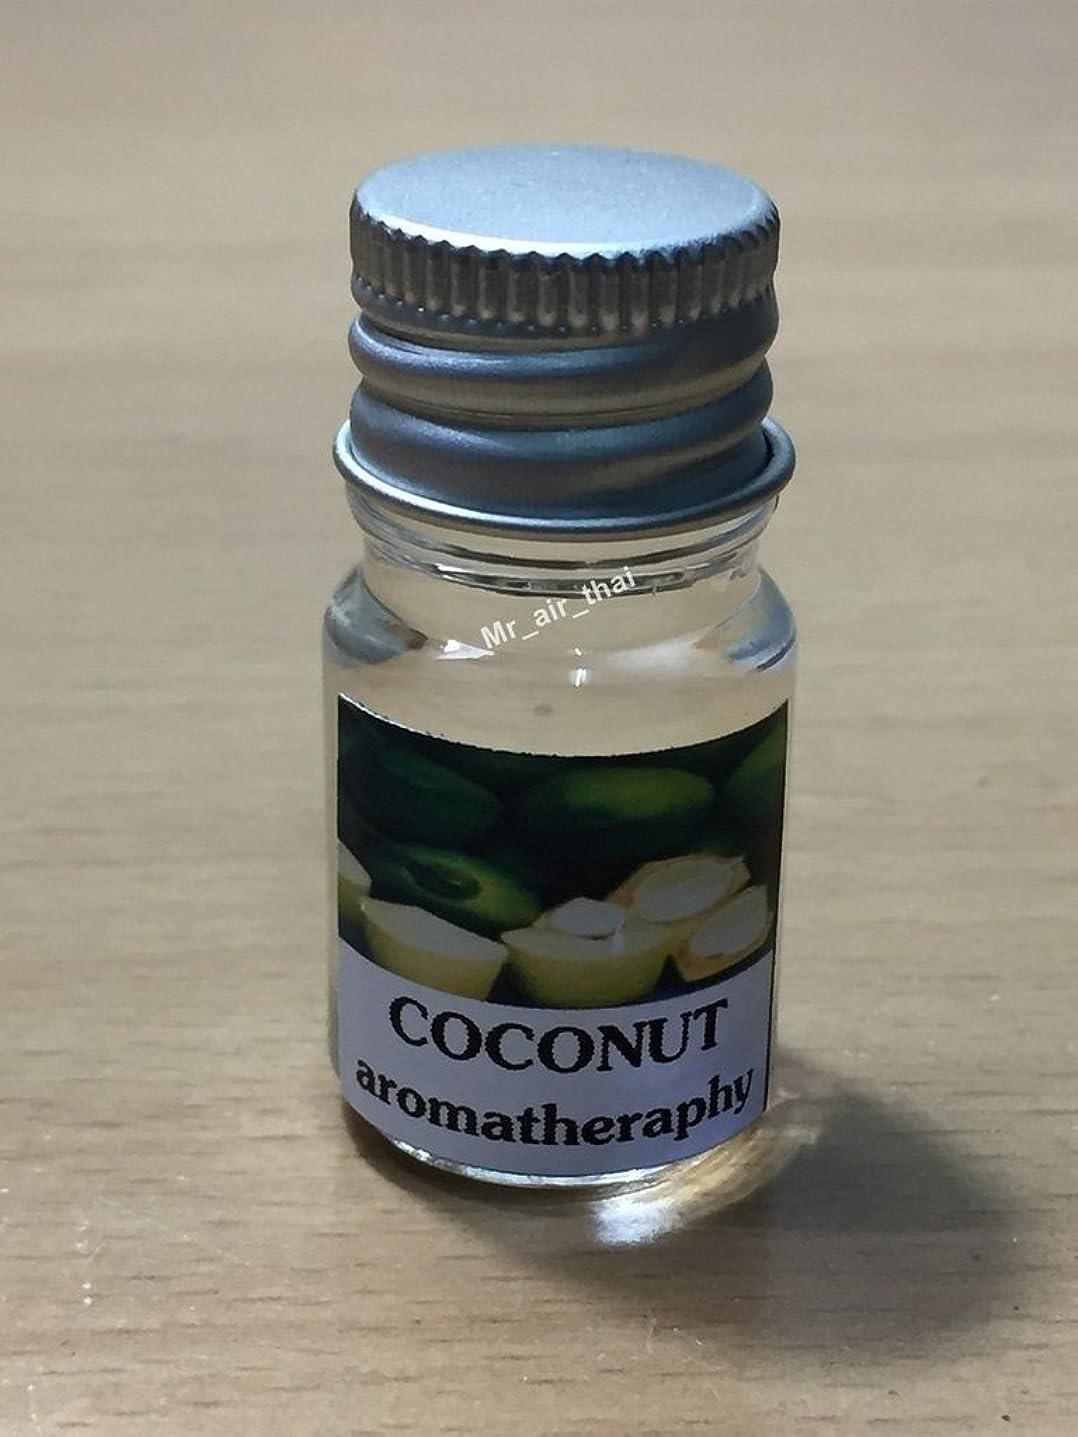 ブレンド掃く評価する5ミリリットルアロマココナッツフランクインセンスエッセンシャルオイルボトルアロマテラピーオイル自然自然5ml Aroma Coconut Frankincense Essential Oil Bottles Aromatherapy Oils natural nature